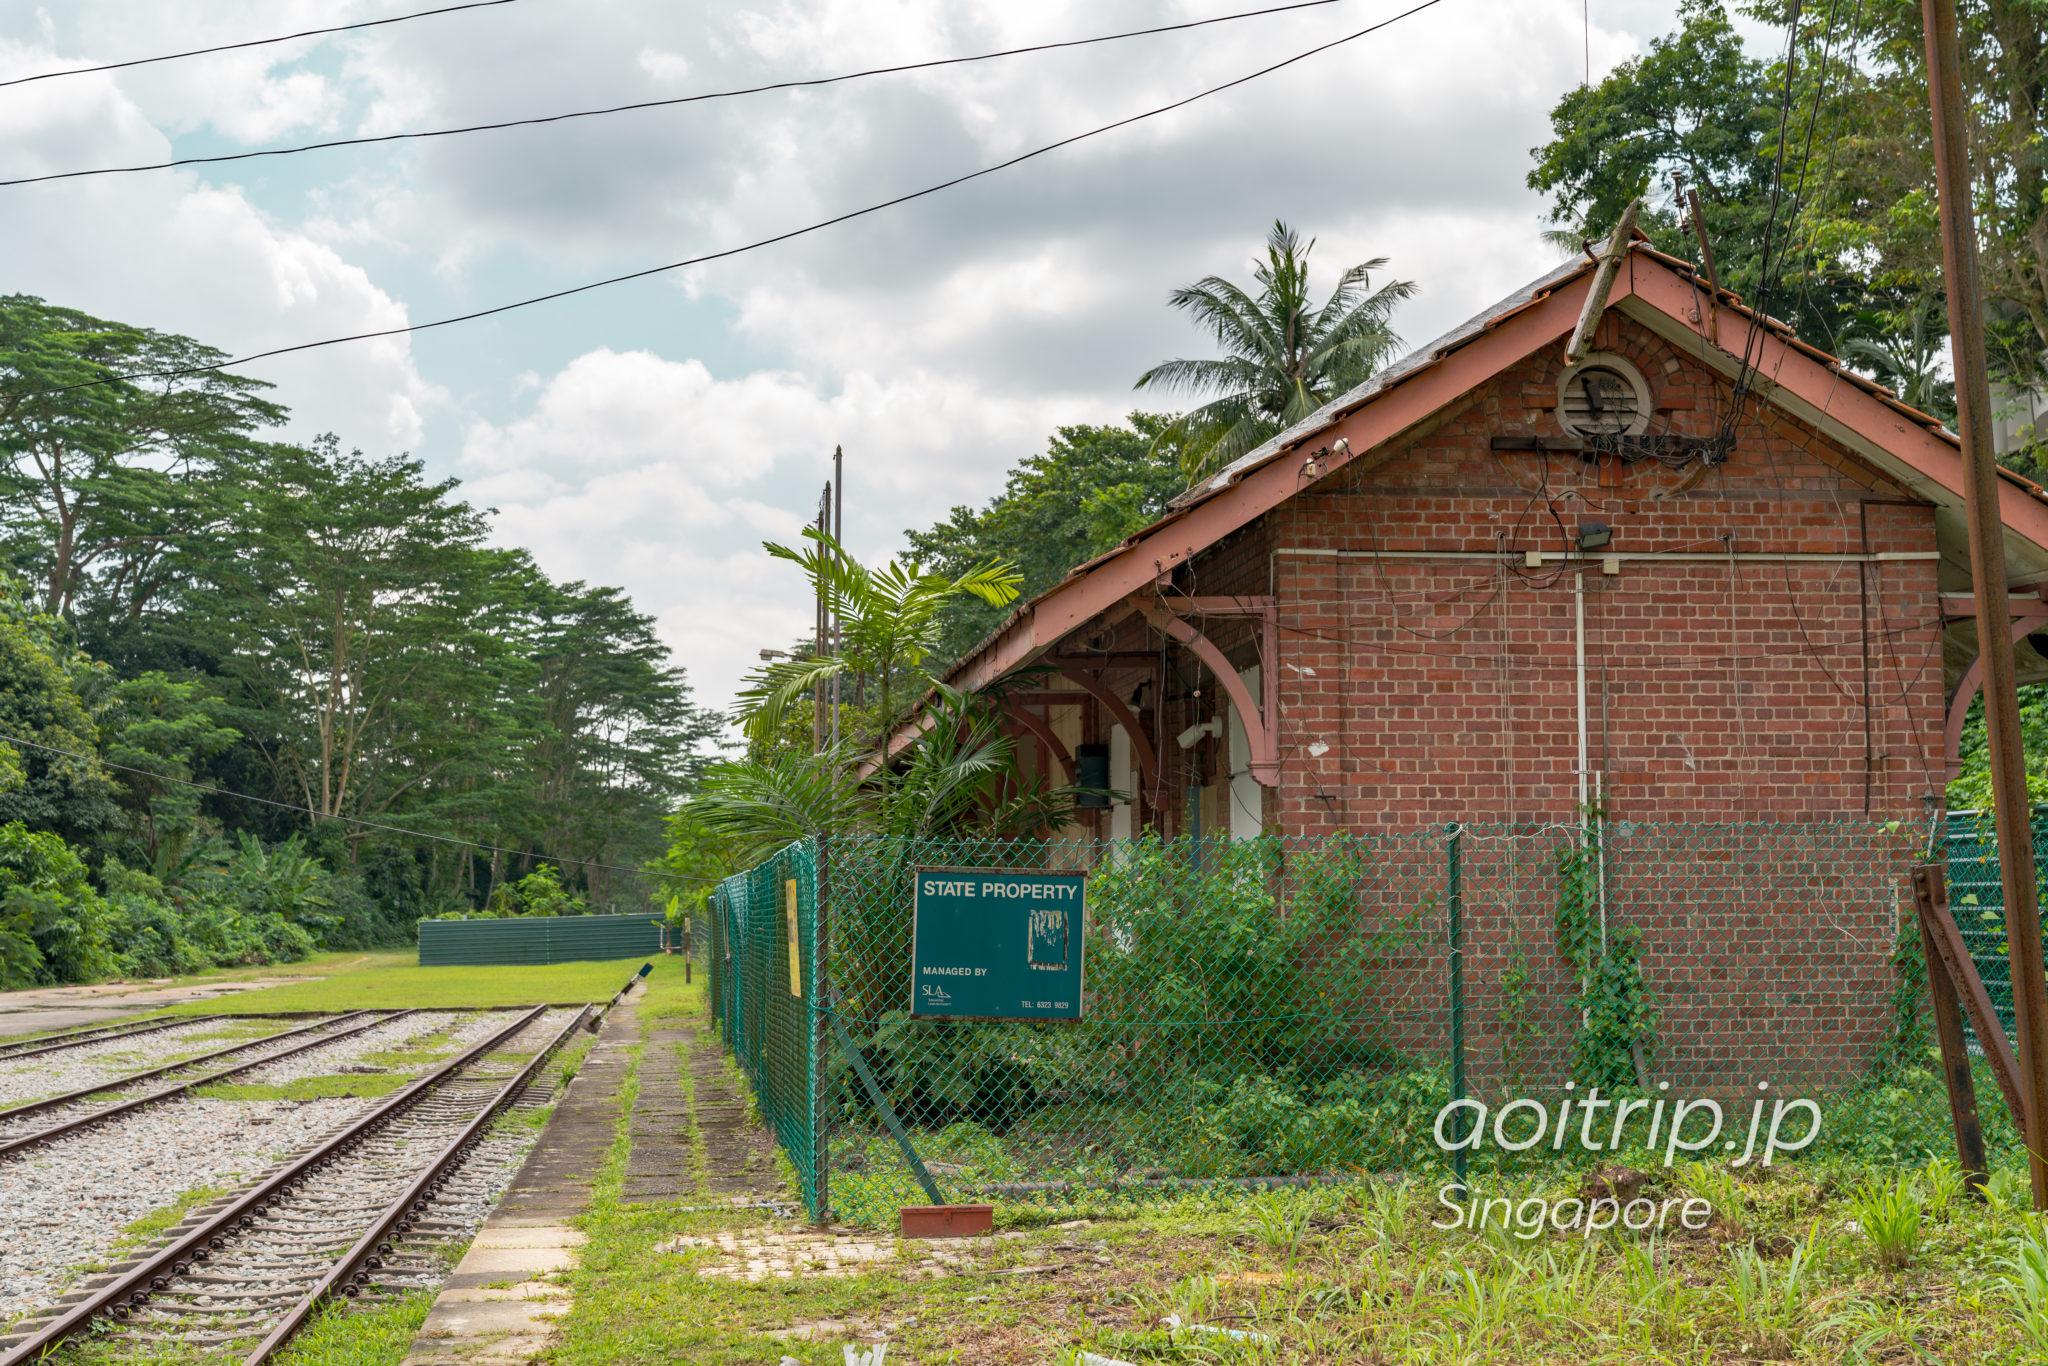 マレー鉄道の旧ブキッティマ駅